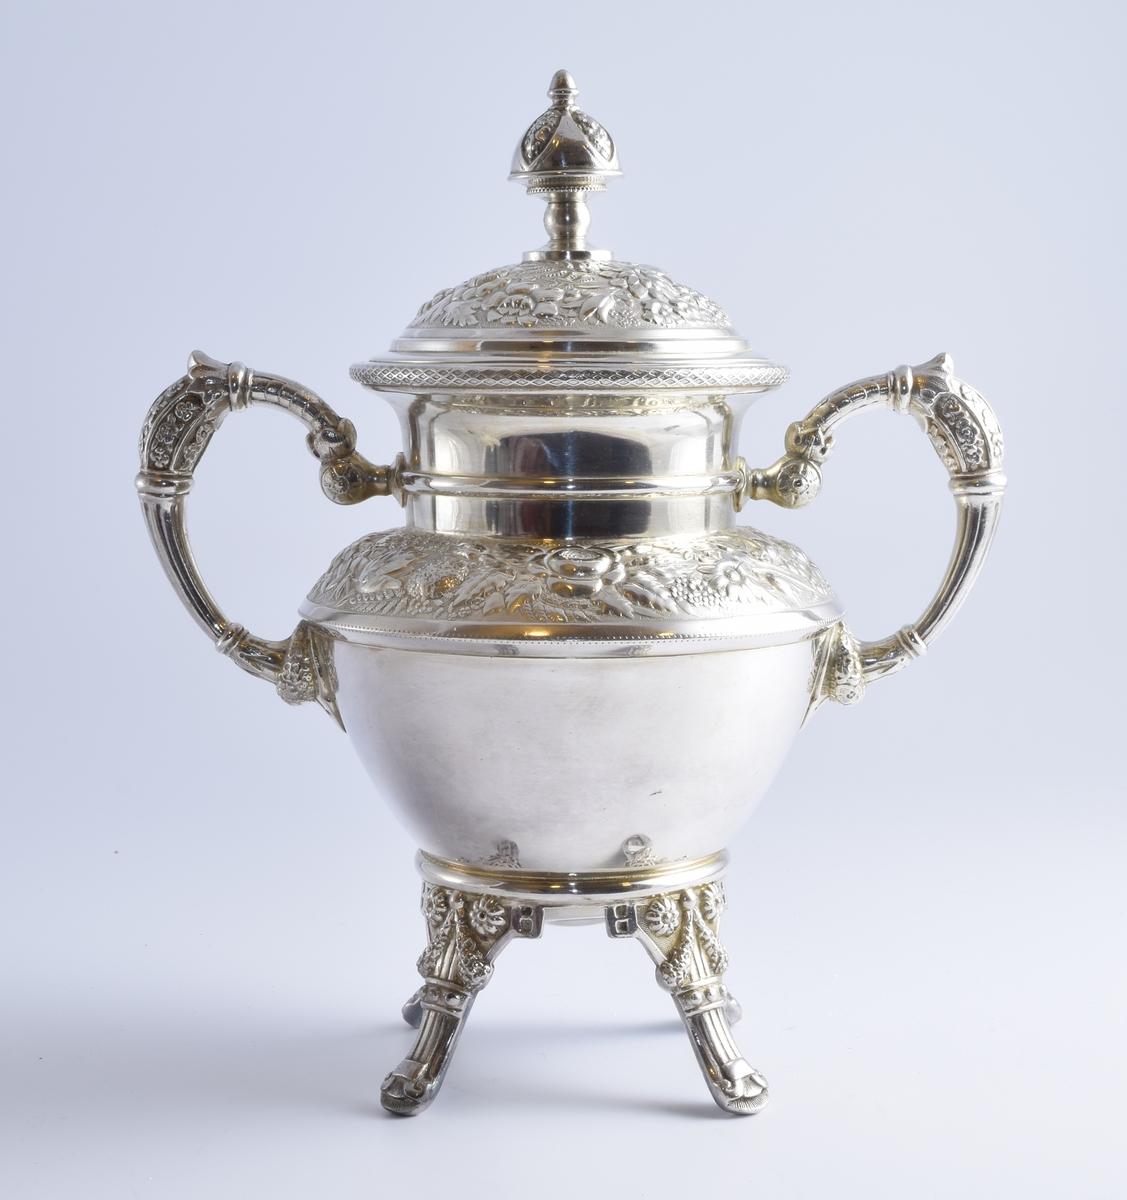 Sukkerskål med lokk i sølvplett med blomstermotiv. Skålen er del av et sett med to kanner og en fløtemugge.